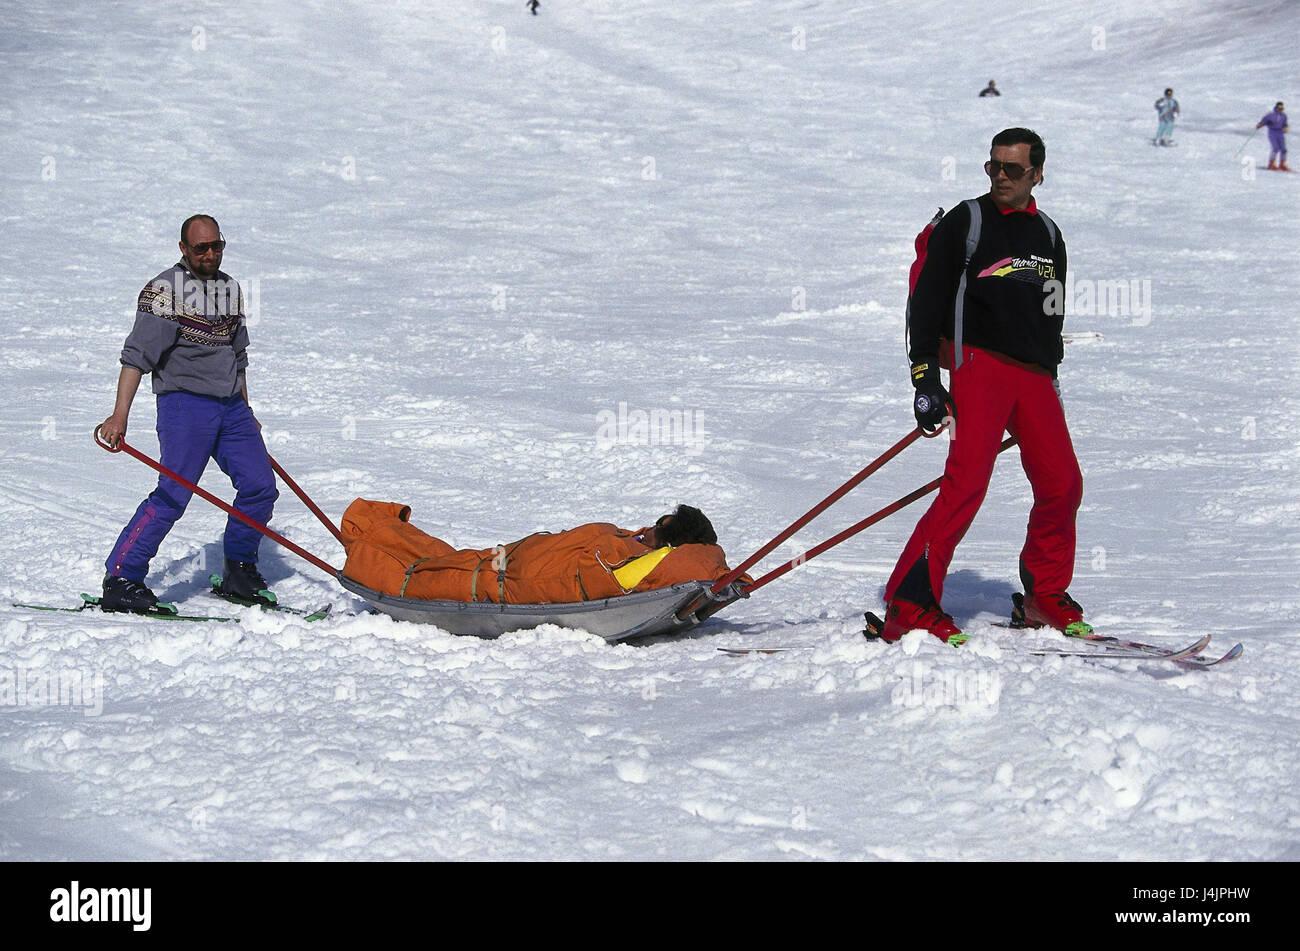 Ski-Start-und Landebahn, Bergrettung, Evakuierung, verletzte Person ...